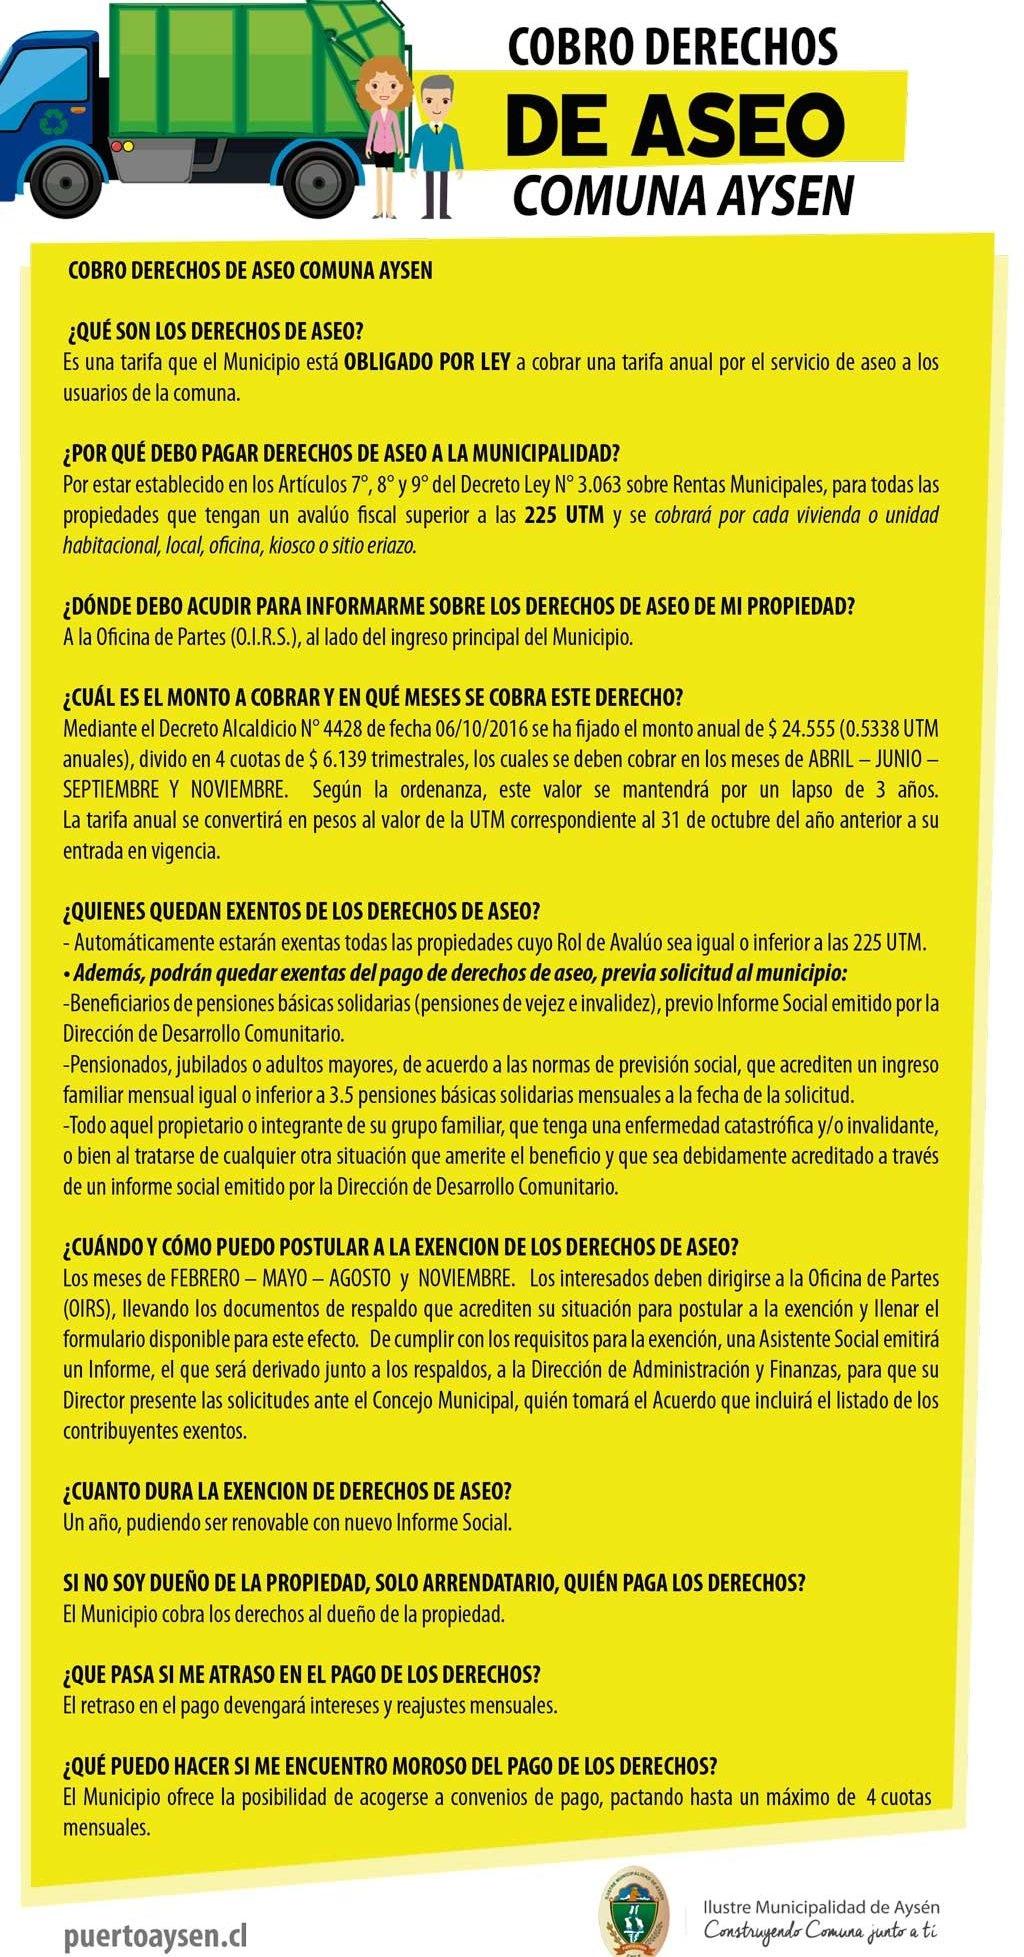 img-cobro-de-derechos-de-aseo-20170619-2-1024x1957v2